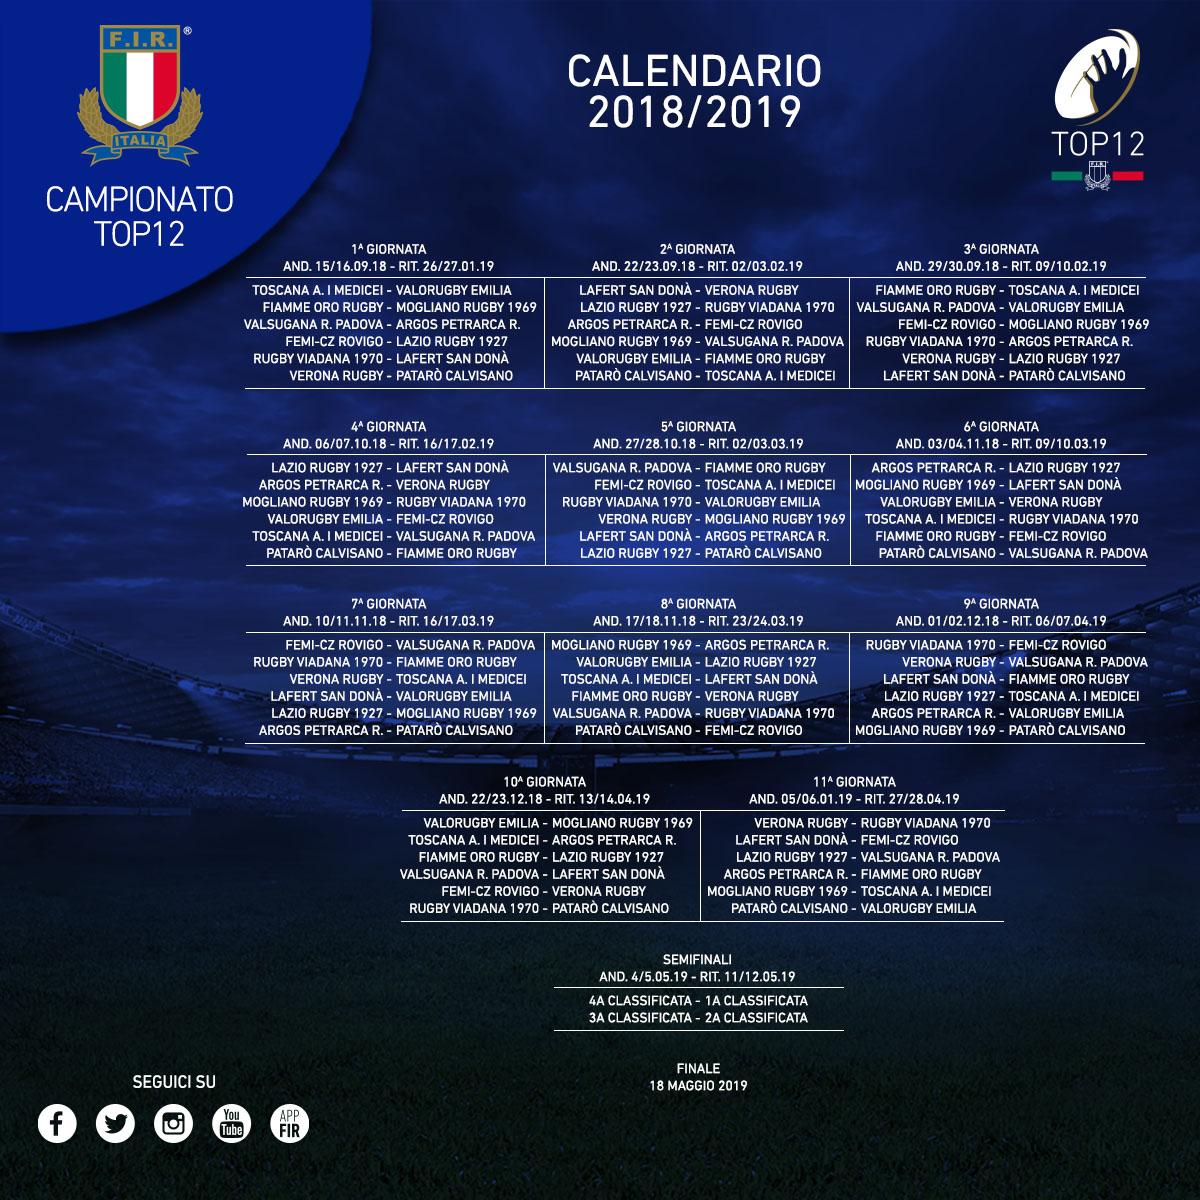 Calendario Oggi Serie A.Mogliano Rugby 1969